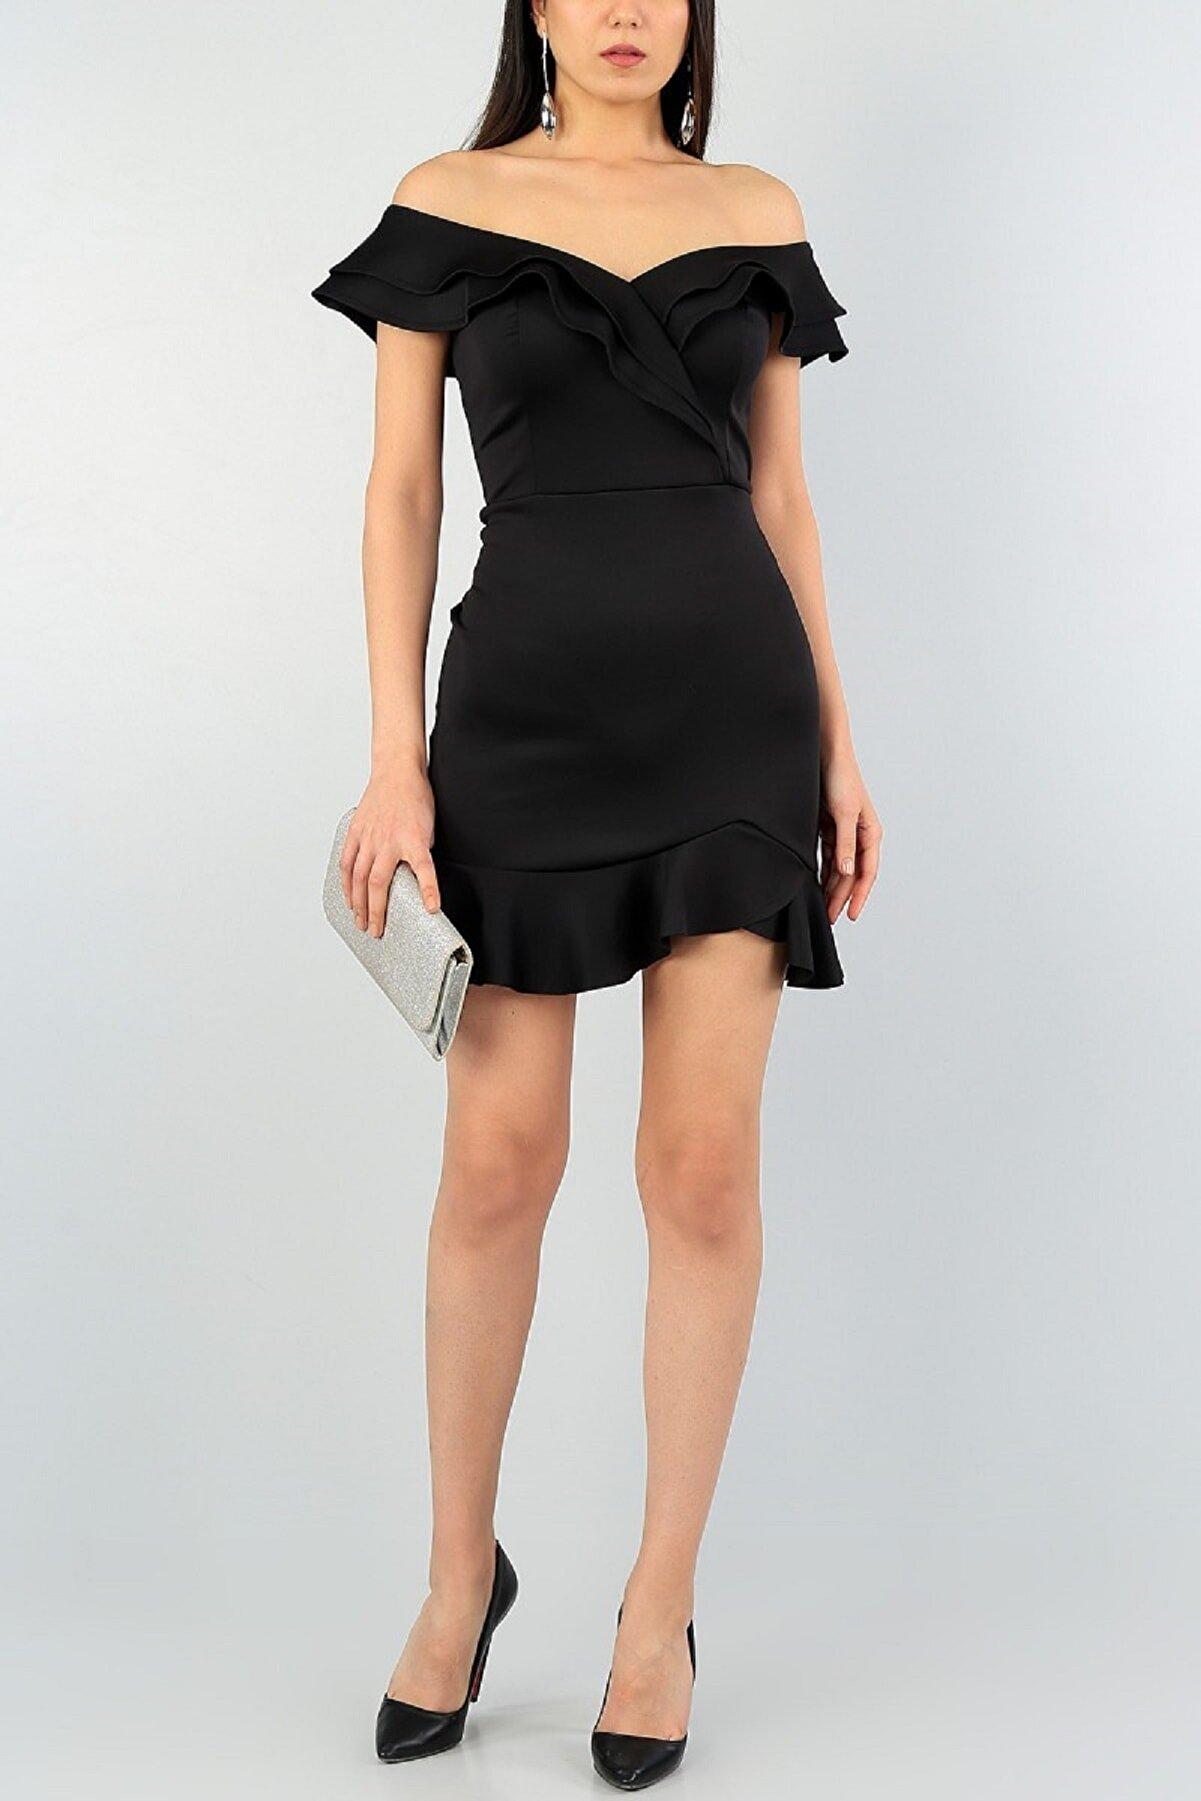 bayansepeti Kadın Siyah Esnek Scuba Kumaş Etek Ucu Ve Göğüsü Volan Detay V Yaka Abiye Elbise